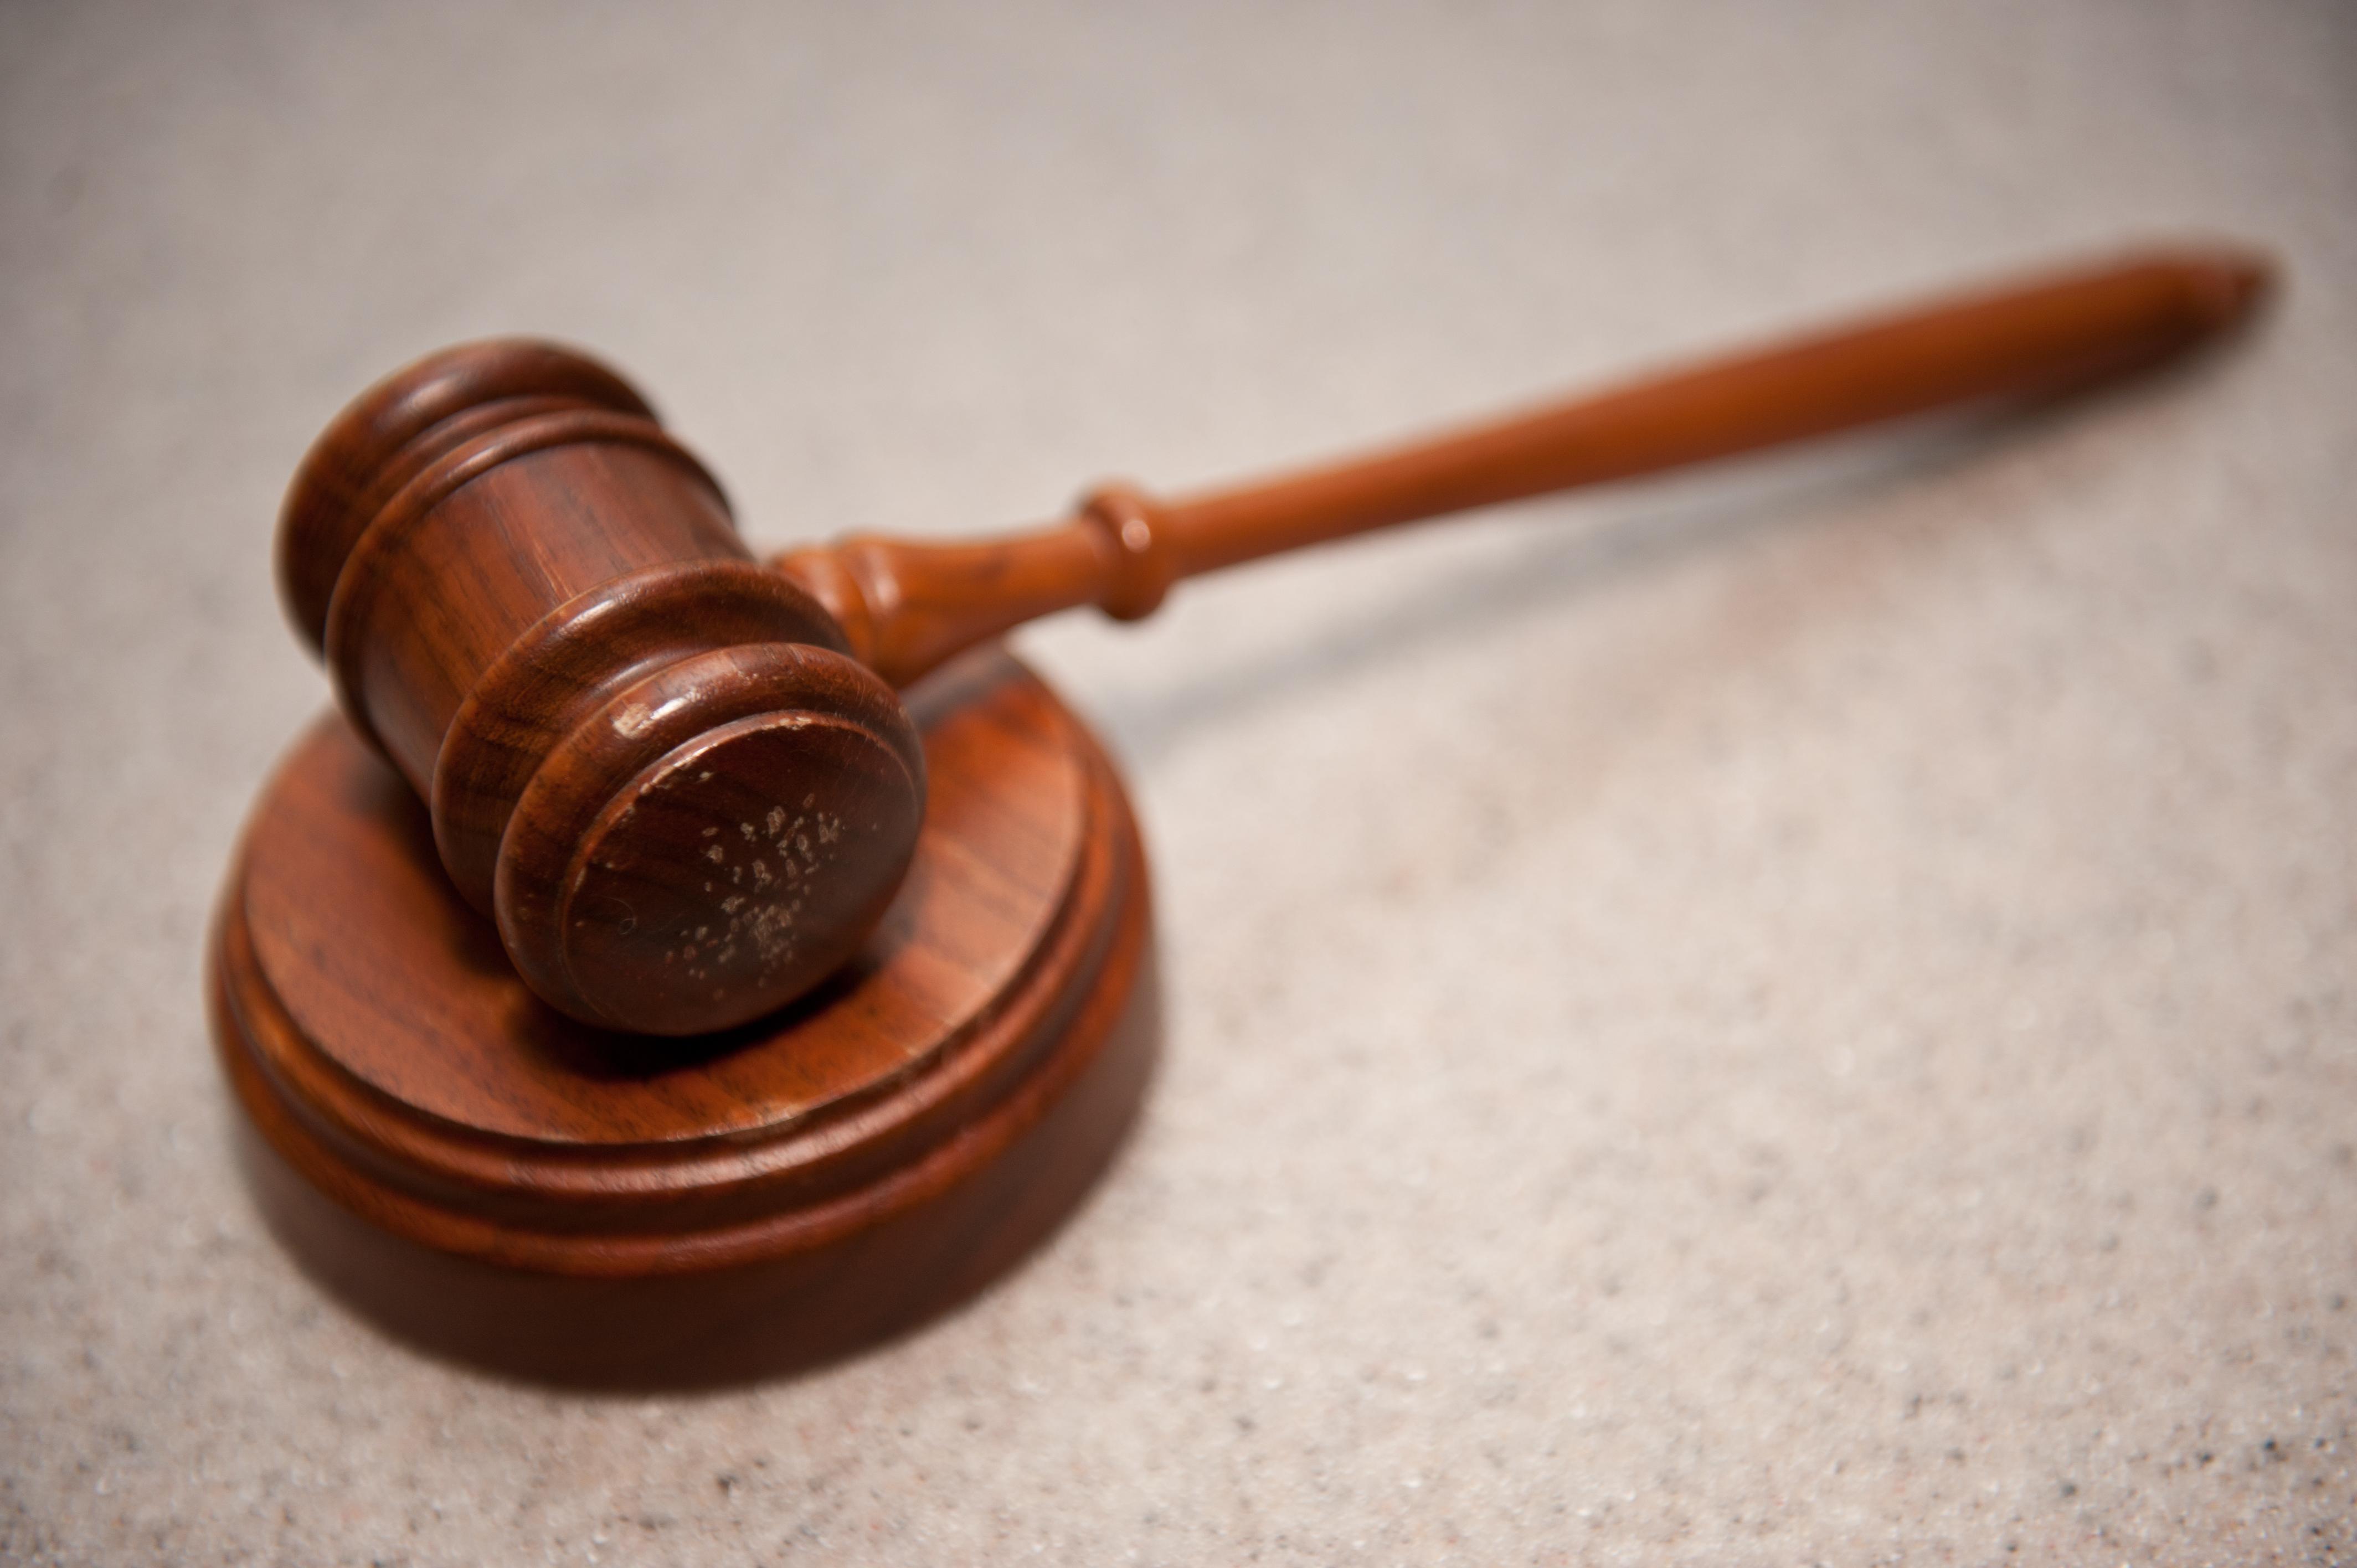 医疗损害诉讼中的举证责任分配